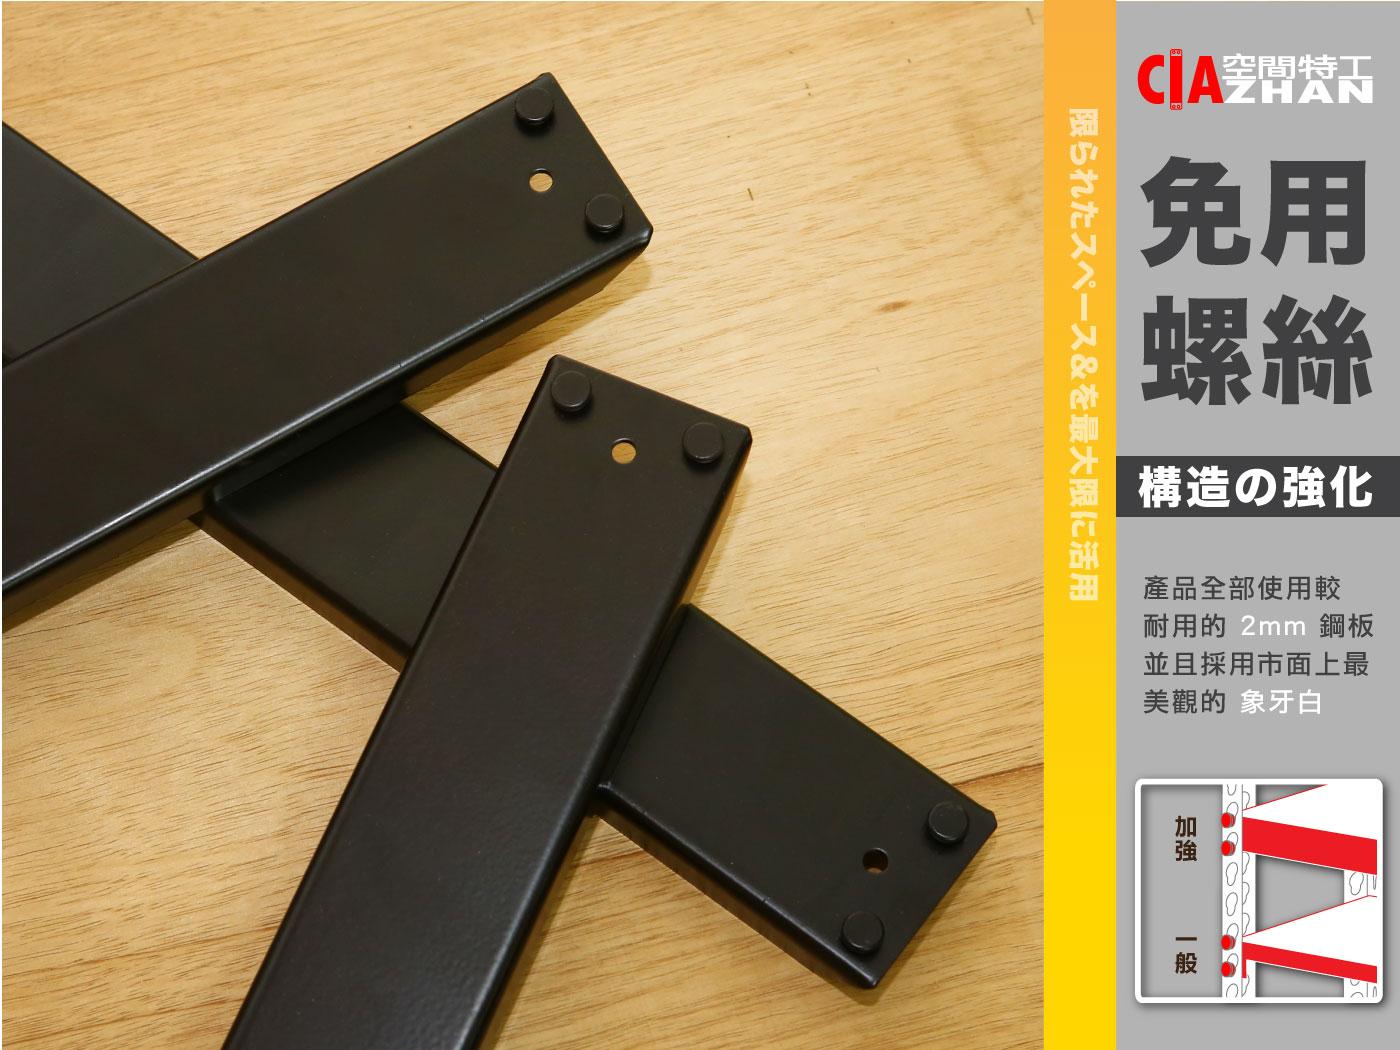 (周小姐賣場專區)全2mm厚黑色免螺絲角鋼 長2尺,高8尺,深1.5尺, 共4層, 附9mm消光黑木板